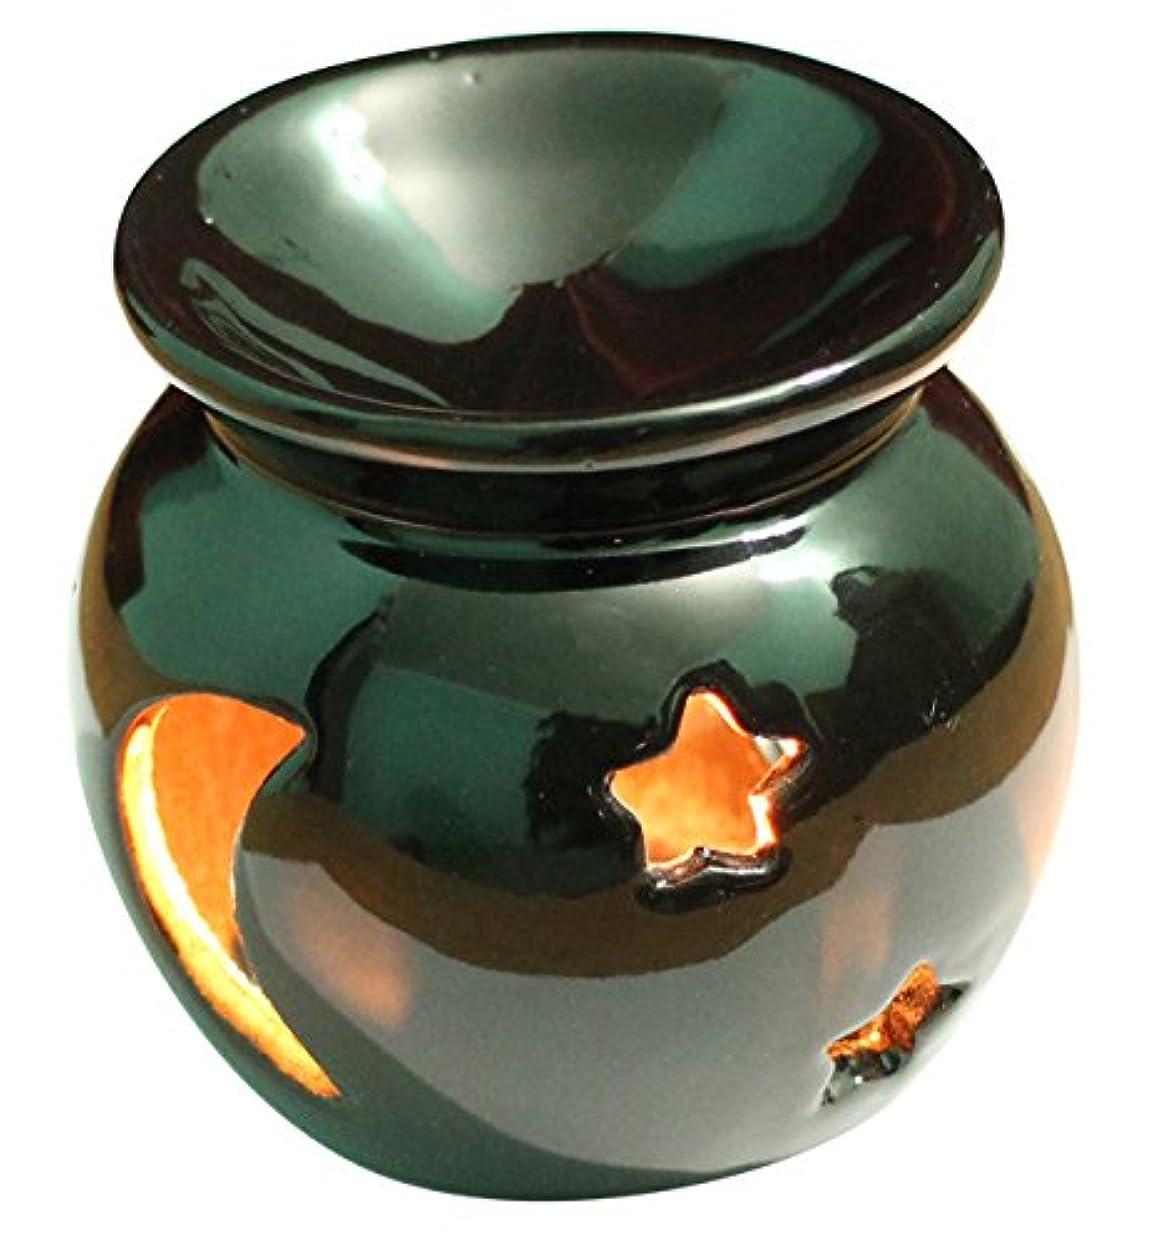 レキシコン休憩シェルAb Handicrafts – セラミック – Essential Oil Burner、完璧ハンドメイドOil Diffuser for Fragrance &アロマセラピー – 素晴らしい装飾のリビングルーム、バルコニー、ポーチ& Garden ブラック AB-oil